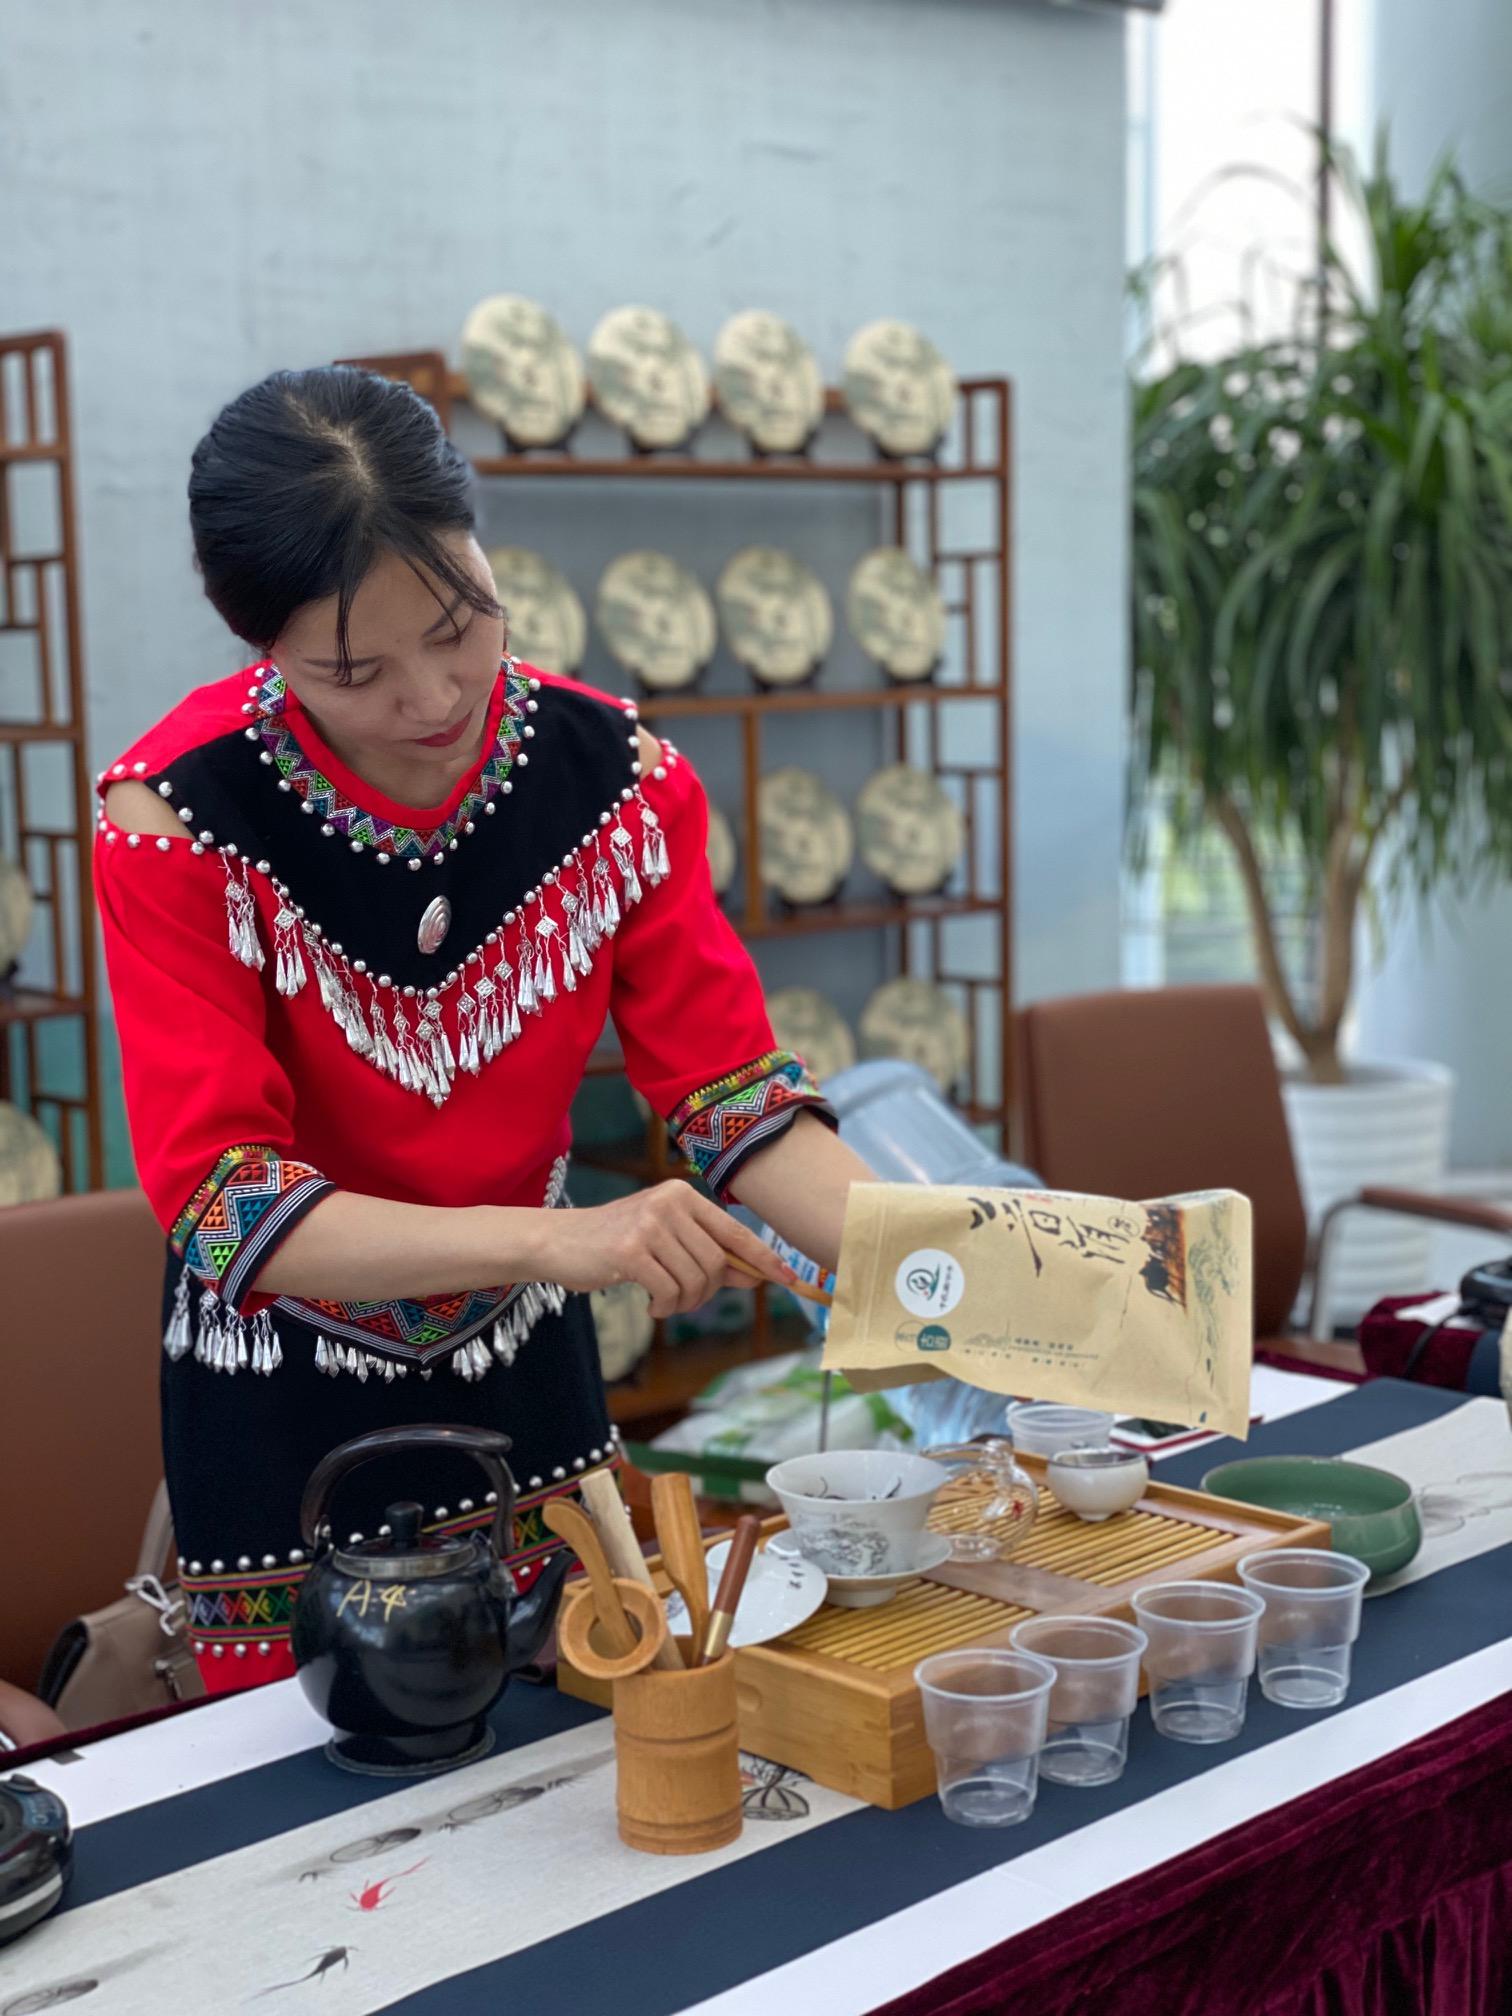 云南展示人员在介绍普洱茶的冲泡流程。 澎湃新闻记者 俞凯 图